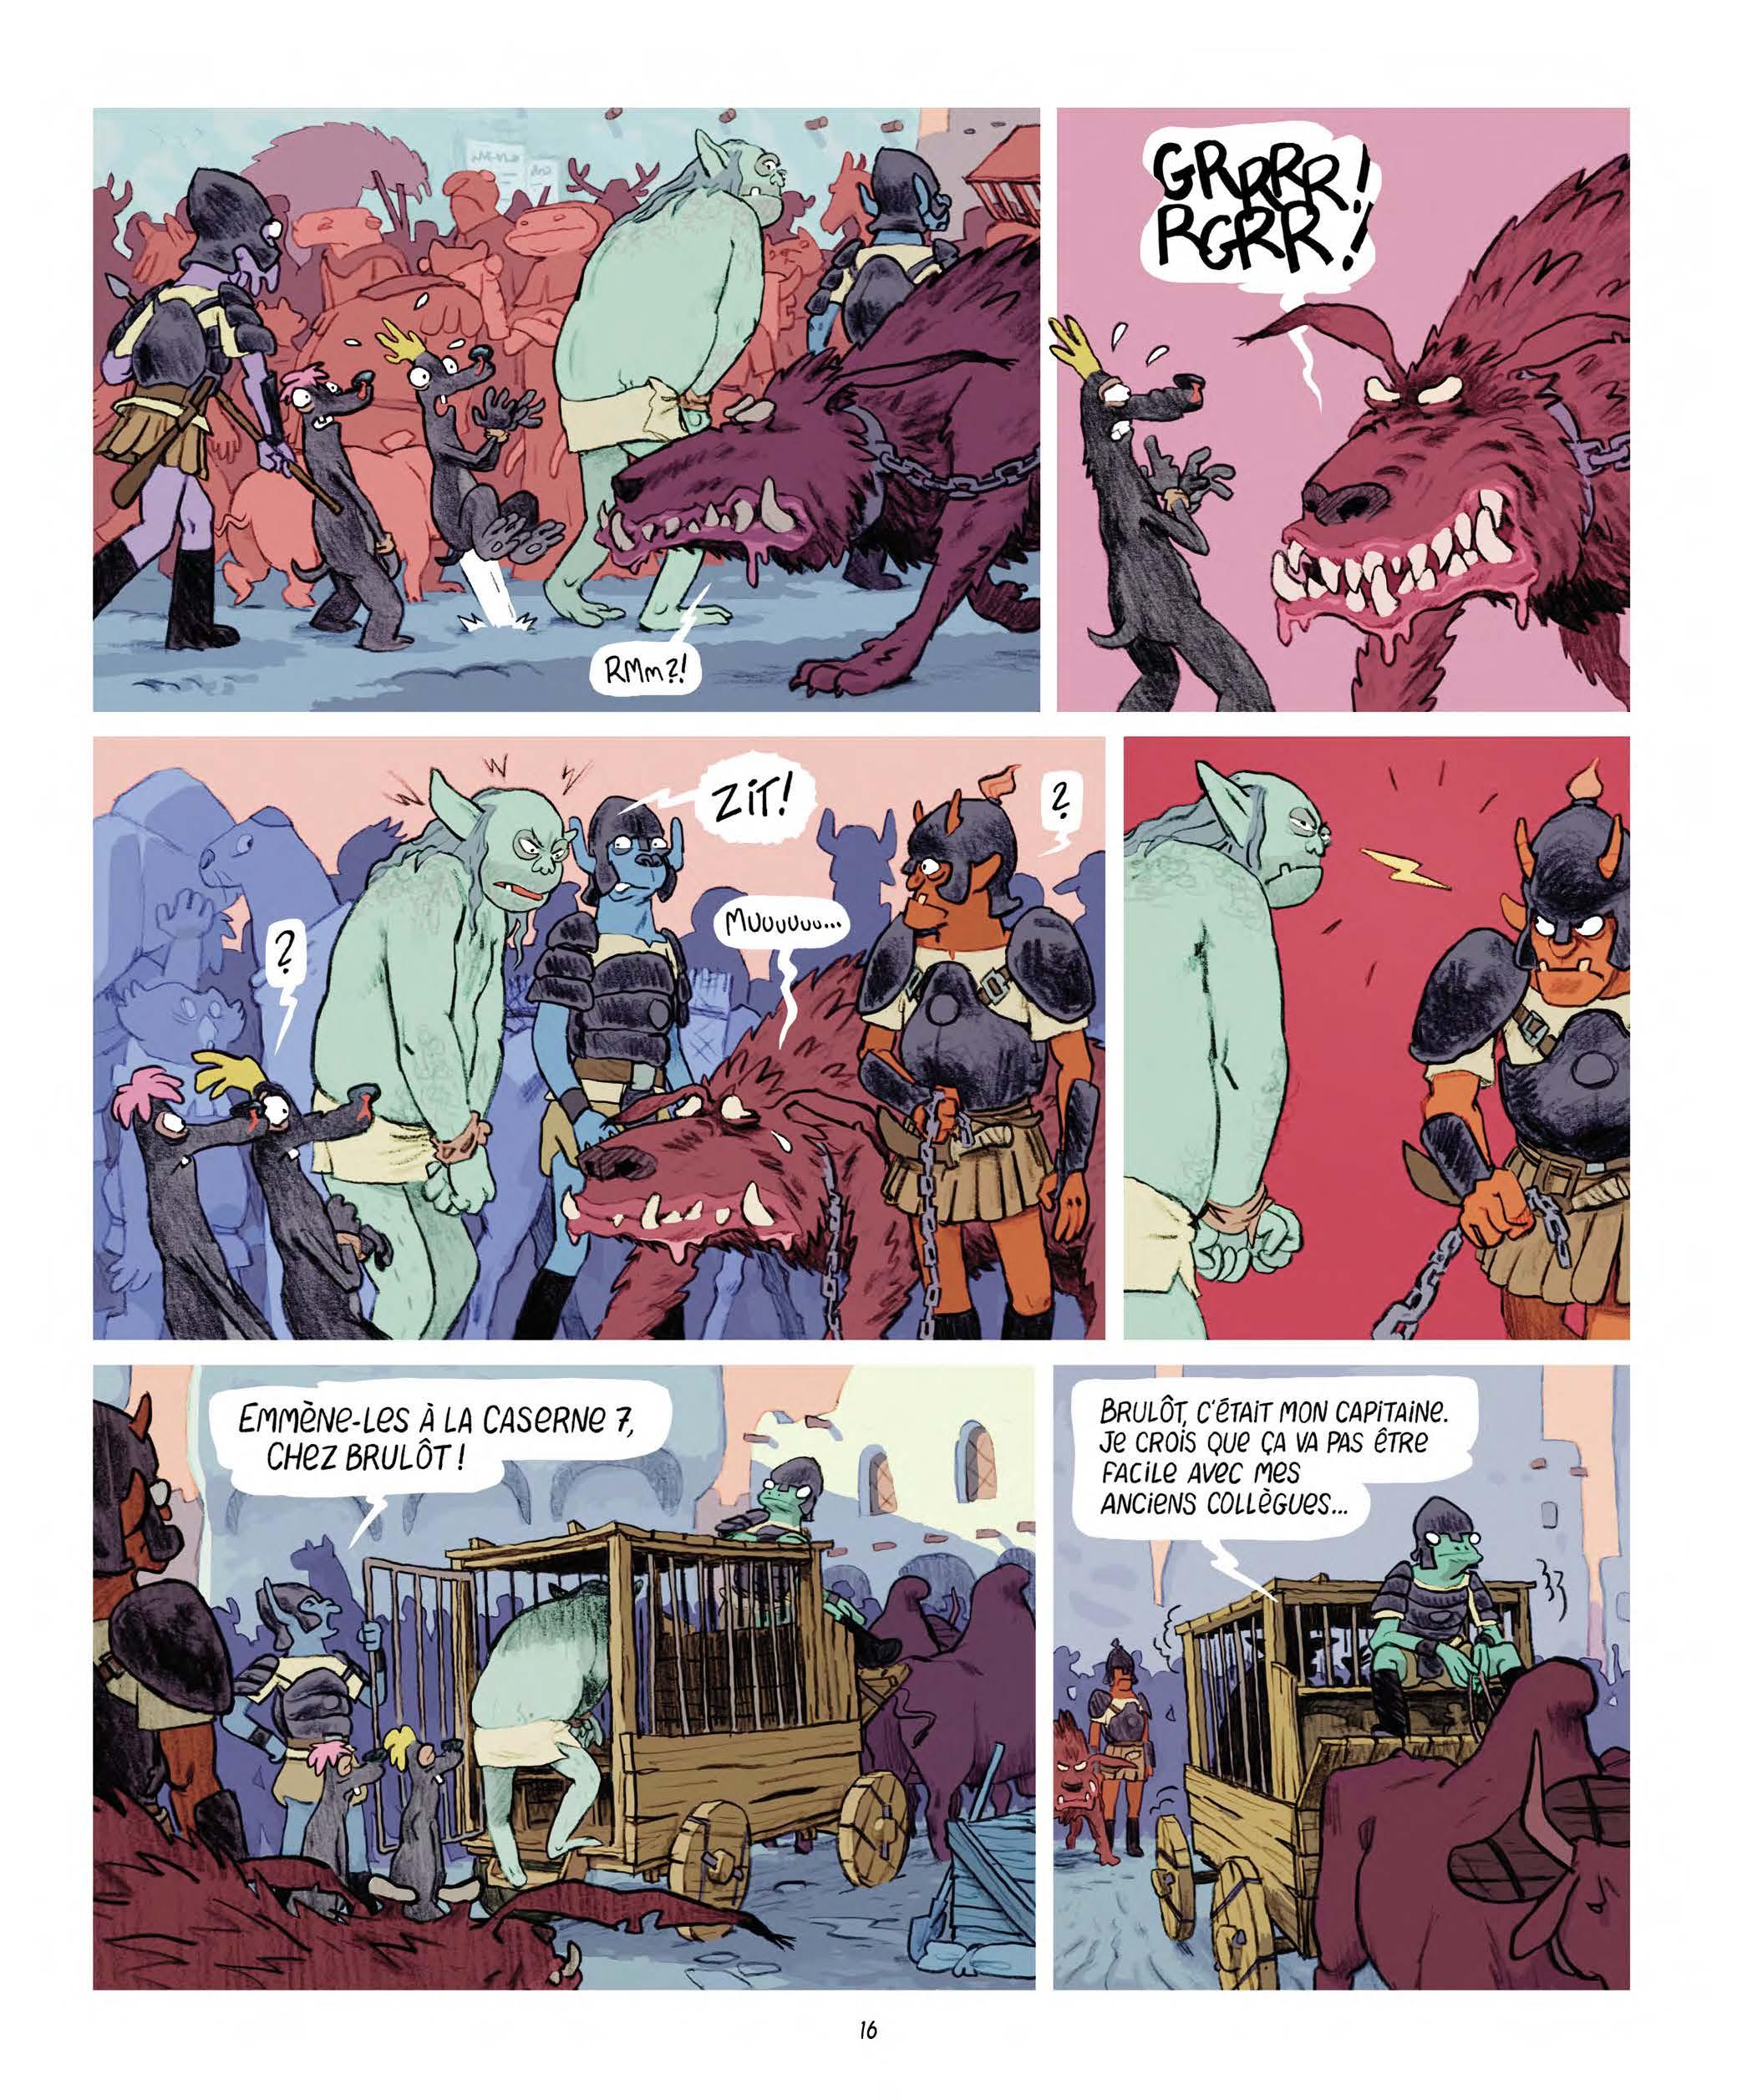 Extrait n°8 Les Affamés 2 - Hum et Wouaf et la triste mine  - Le retour d'hum et wouaf dans les mines de mignon par Jean-Emmanuel Vermot-Desroches